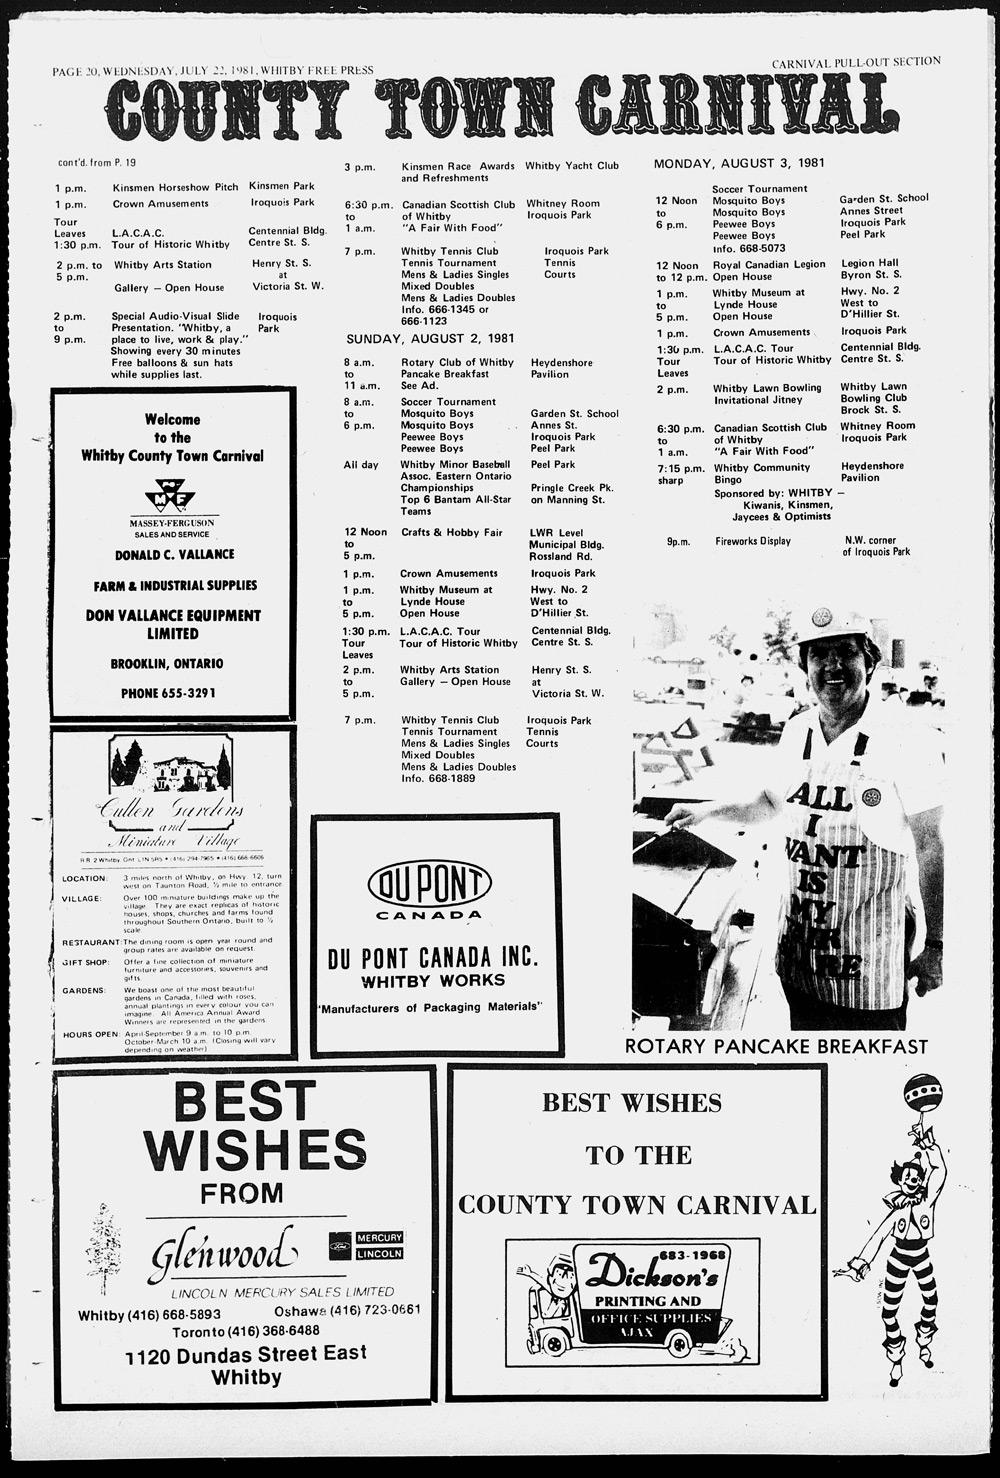 Whitby Free Press, 22 Jul 1981